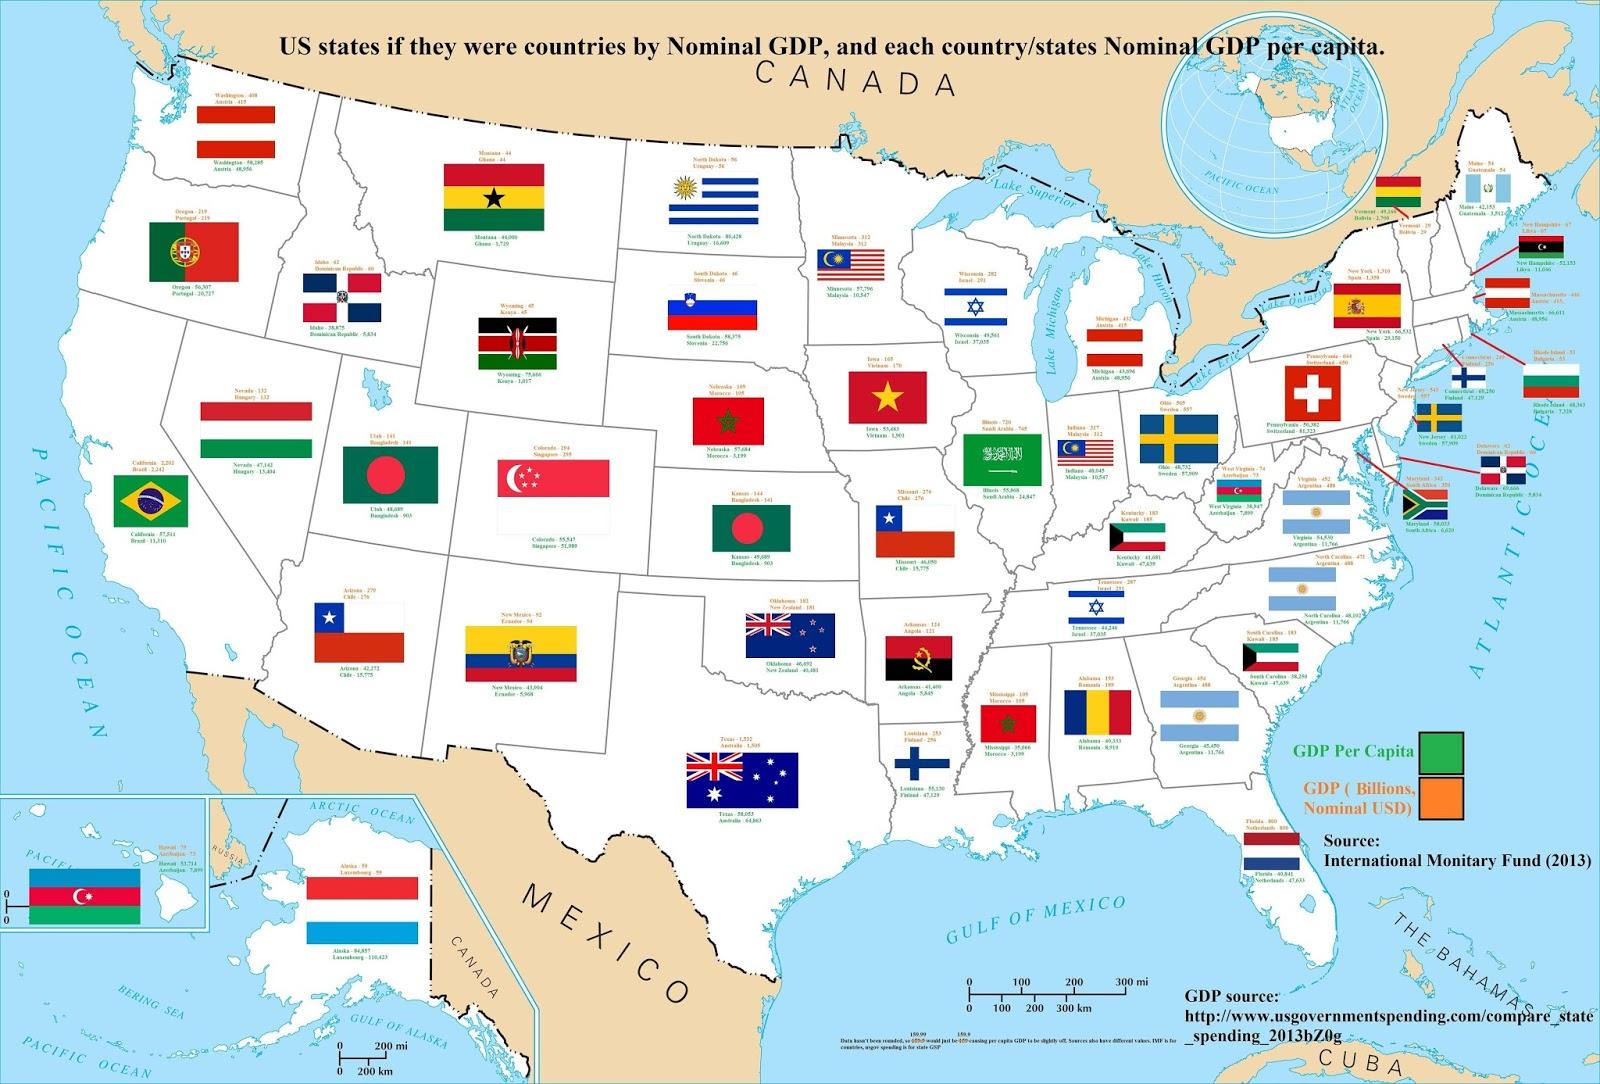 ニューヨーク州はスペイン?アメリカの経済の巨大さがわかる地図【t ...